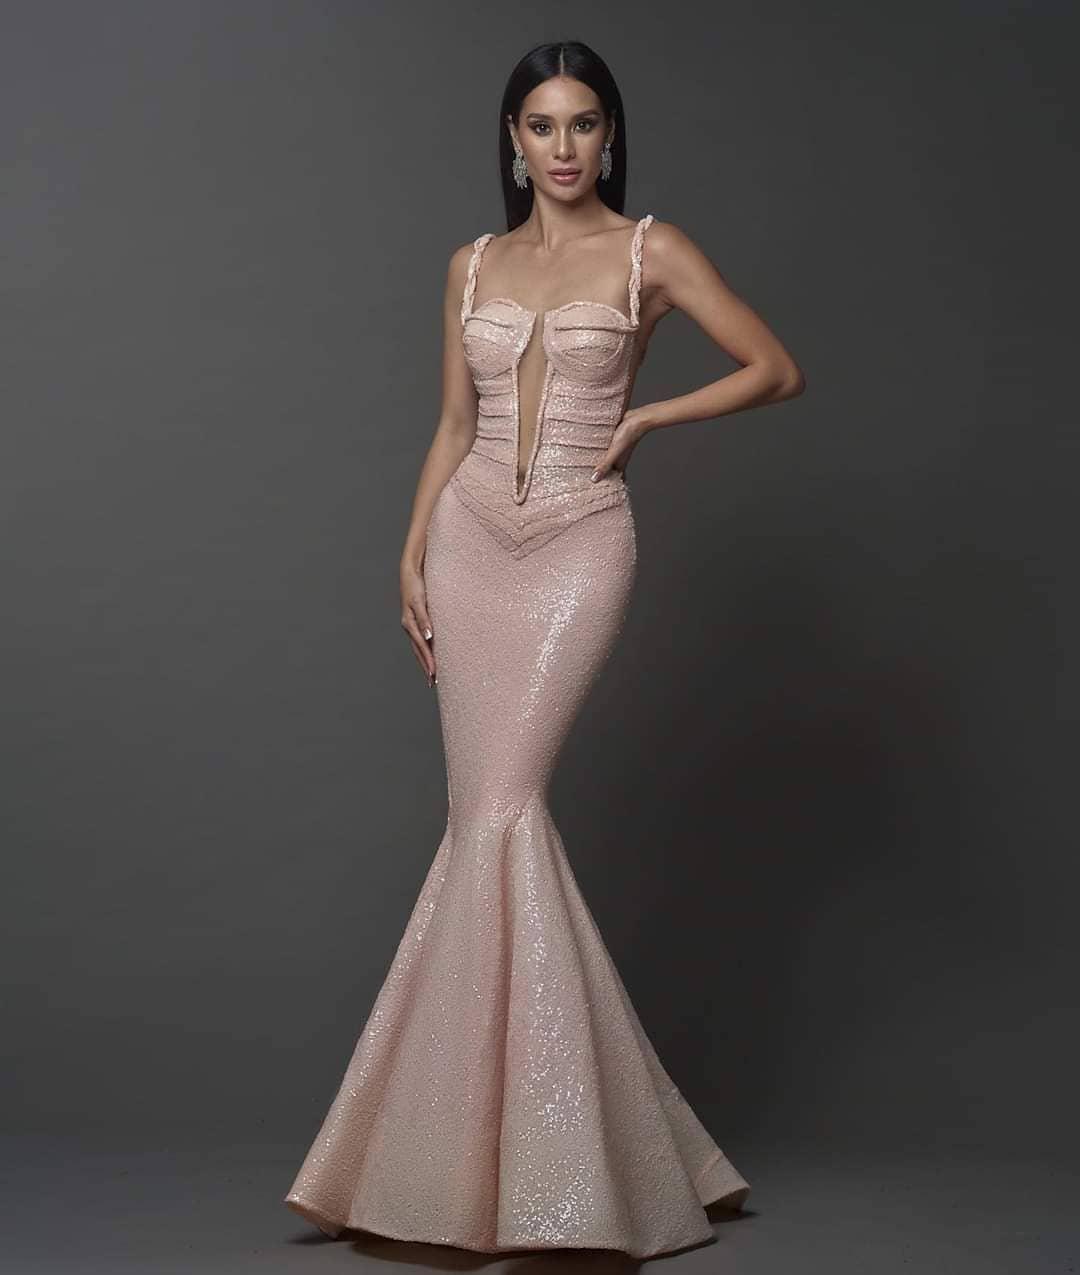 steffi-aberasturi-miss-universe-2021-evening-gown-photo